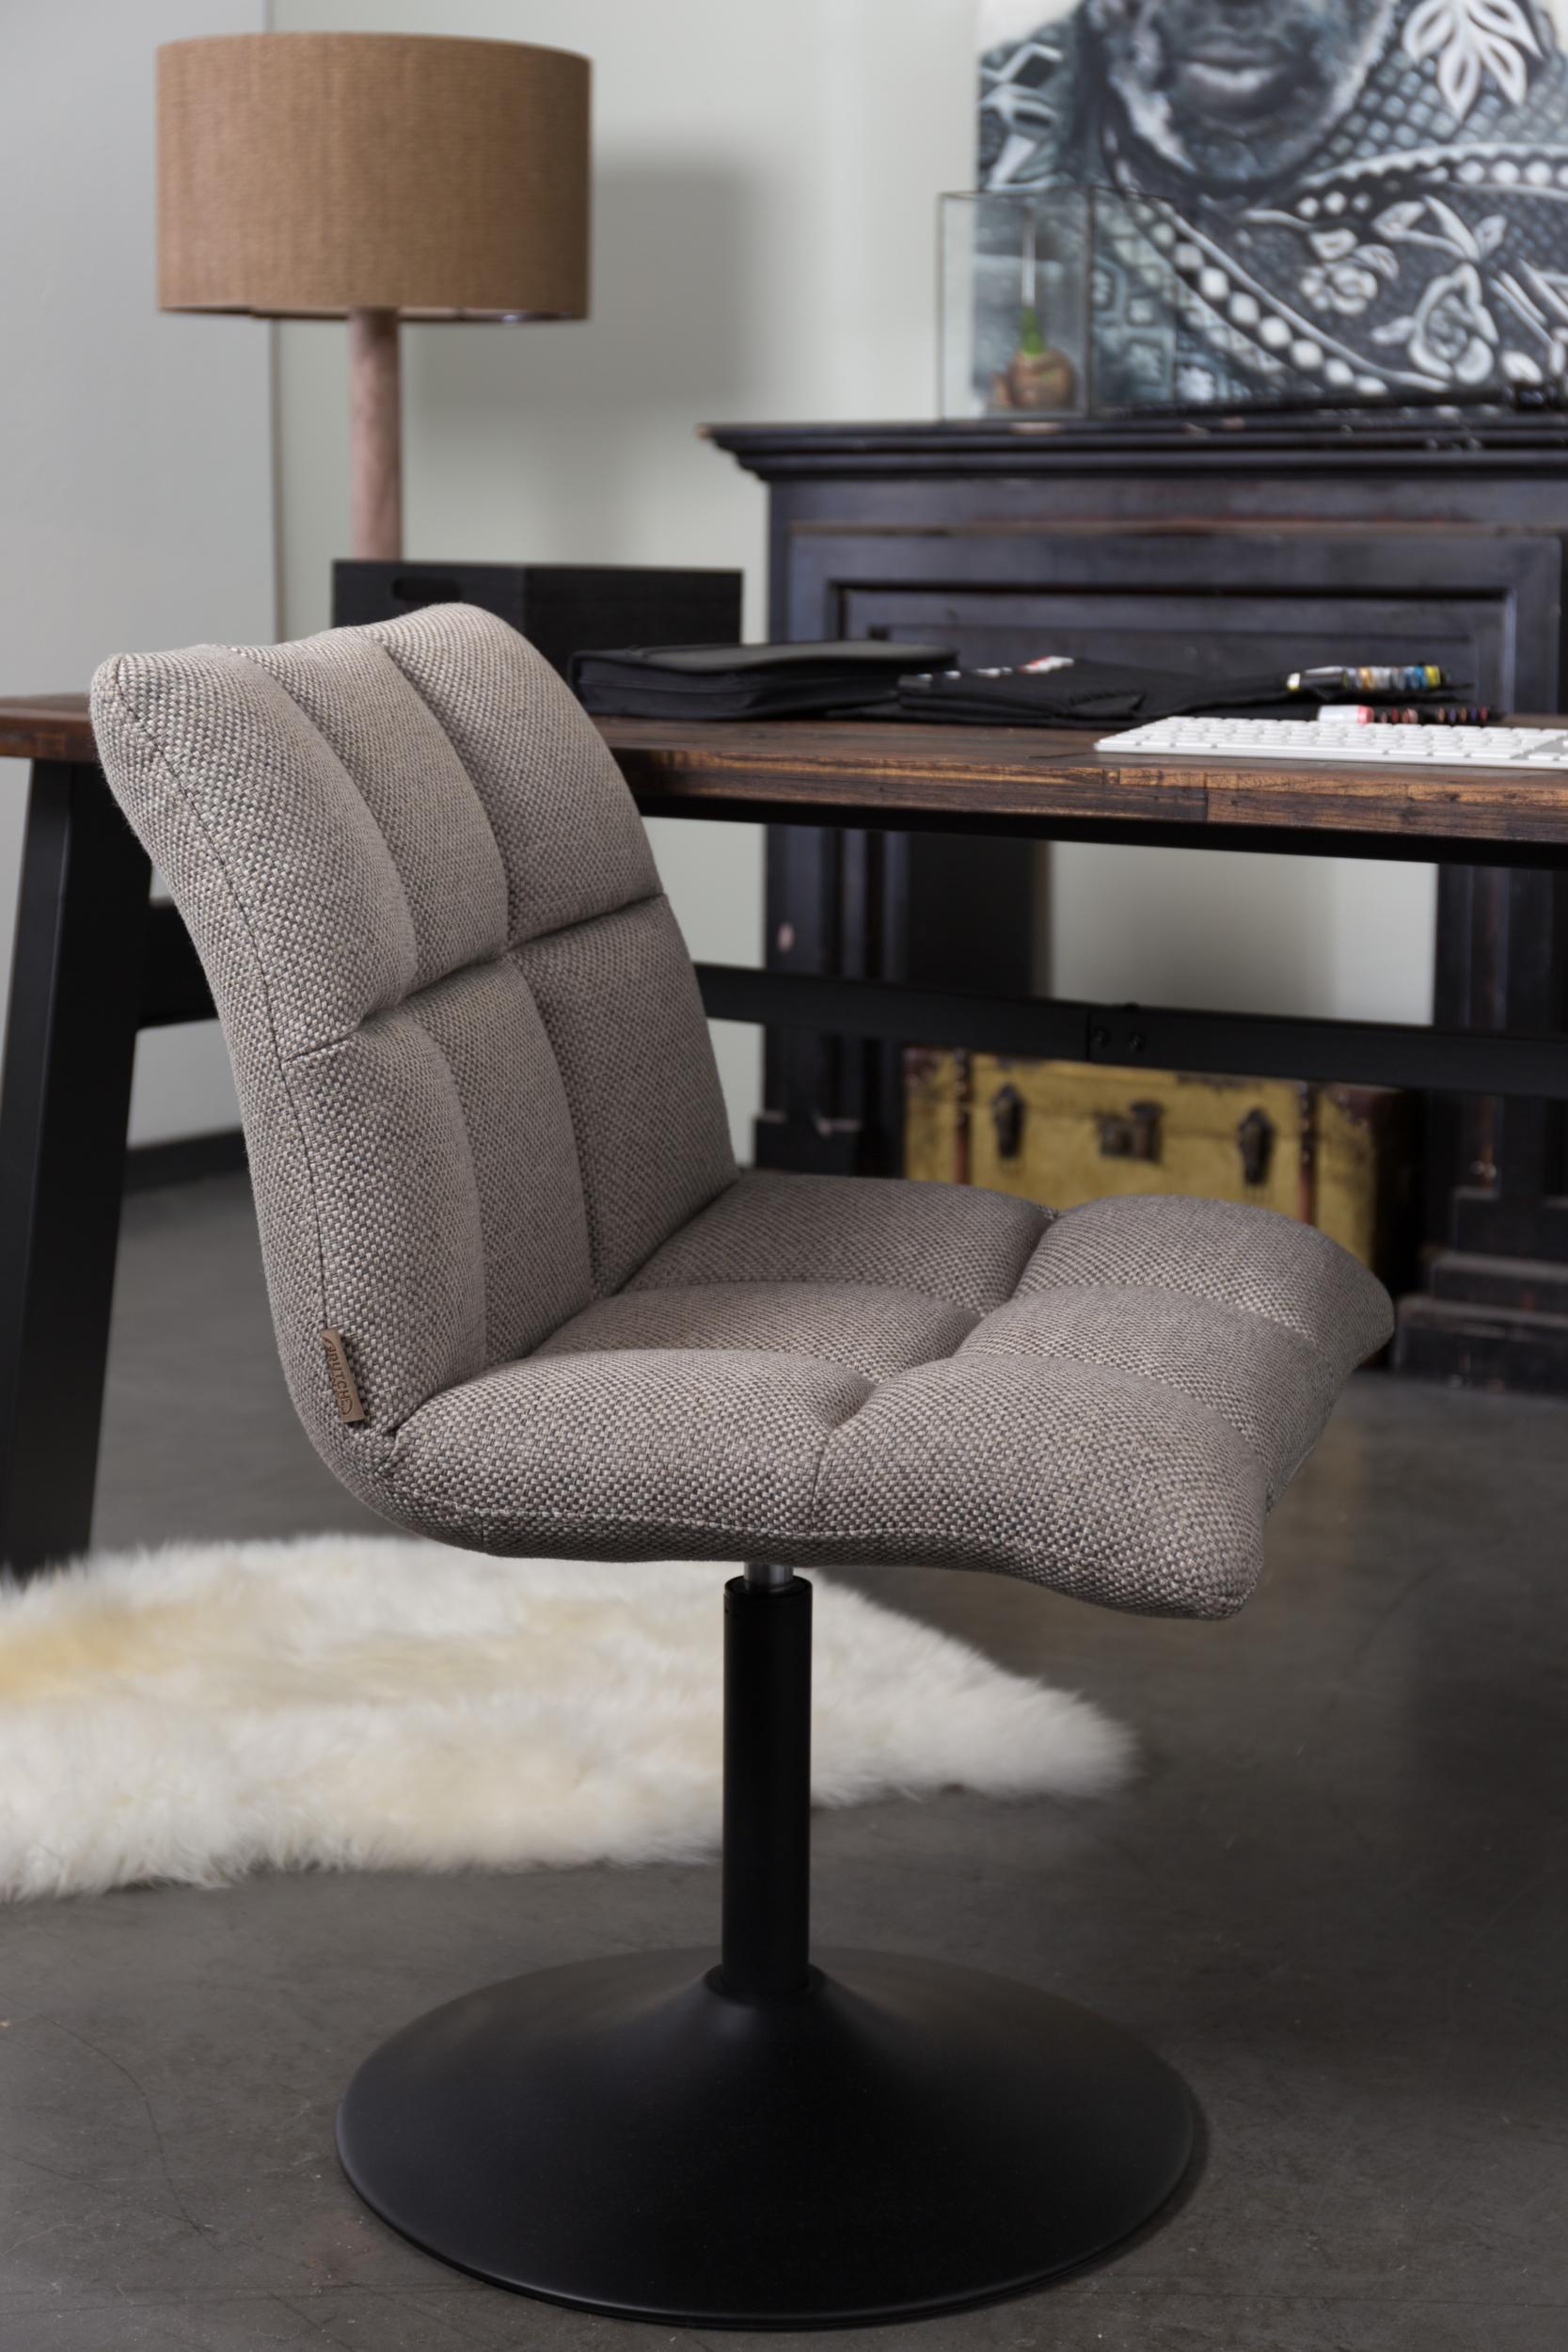 MINI BAR chair